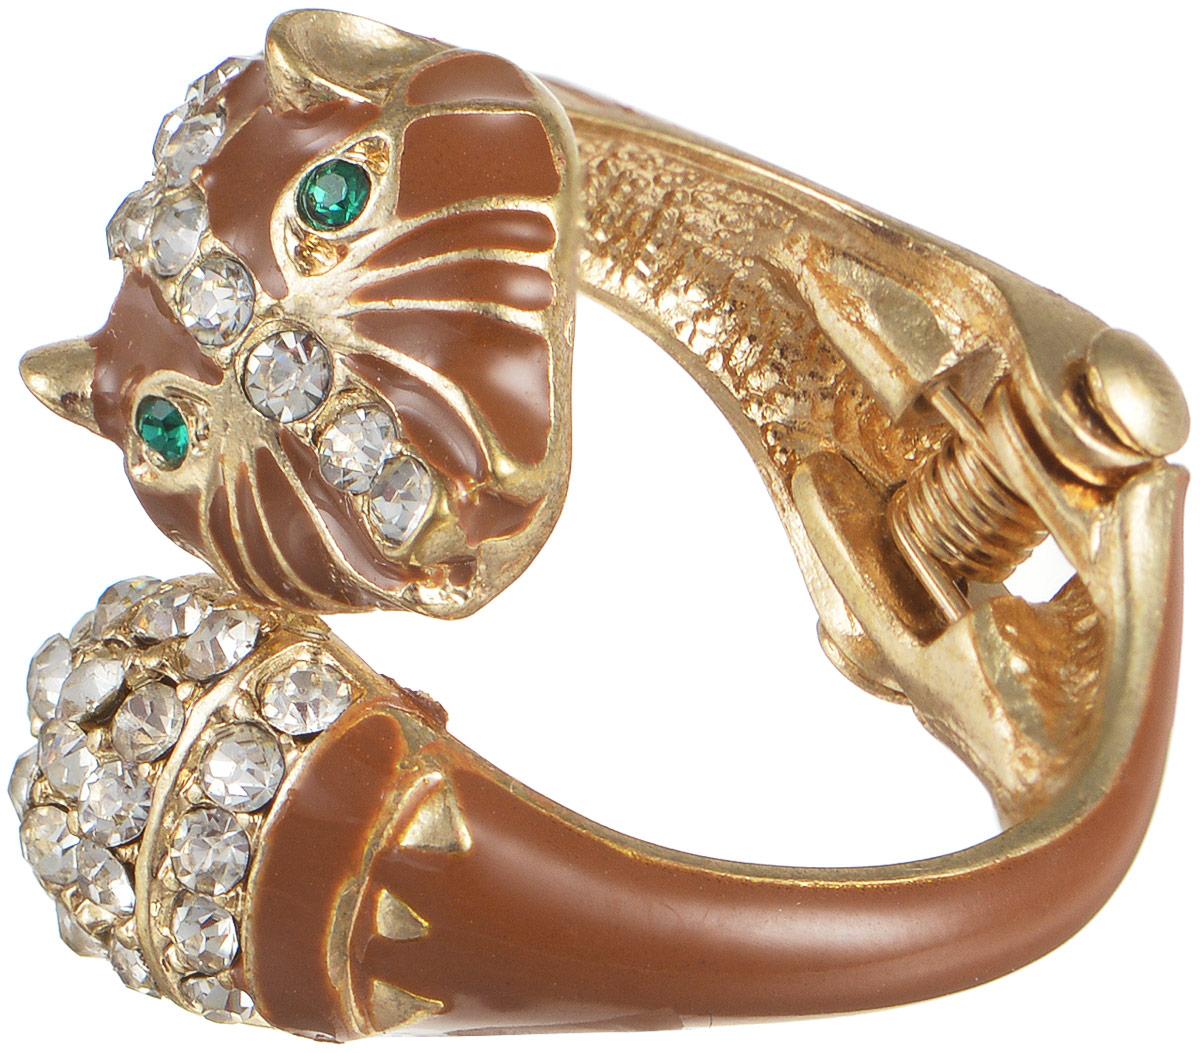 Кольцо женское Taya, цвет: золотистый, коричневый. T-B-5877Коктейльное кольцоОригинальное безразмерное кольцо Taya выполнено из бижутерного сплава и оформлено в виде головы животного и дополнено стразами и эмалью. Модель регулируется при помощи пружинного механизма. Такое кольцо это блестящее завершение вашего неповторимого и смелого образа и отличный подарок для ценительницы необычных украшений!